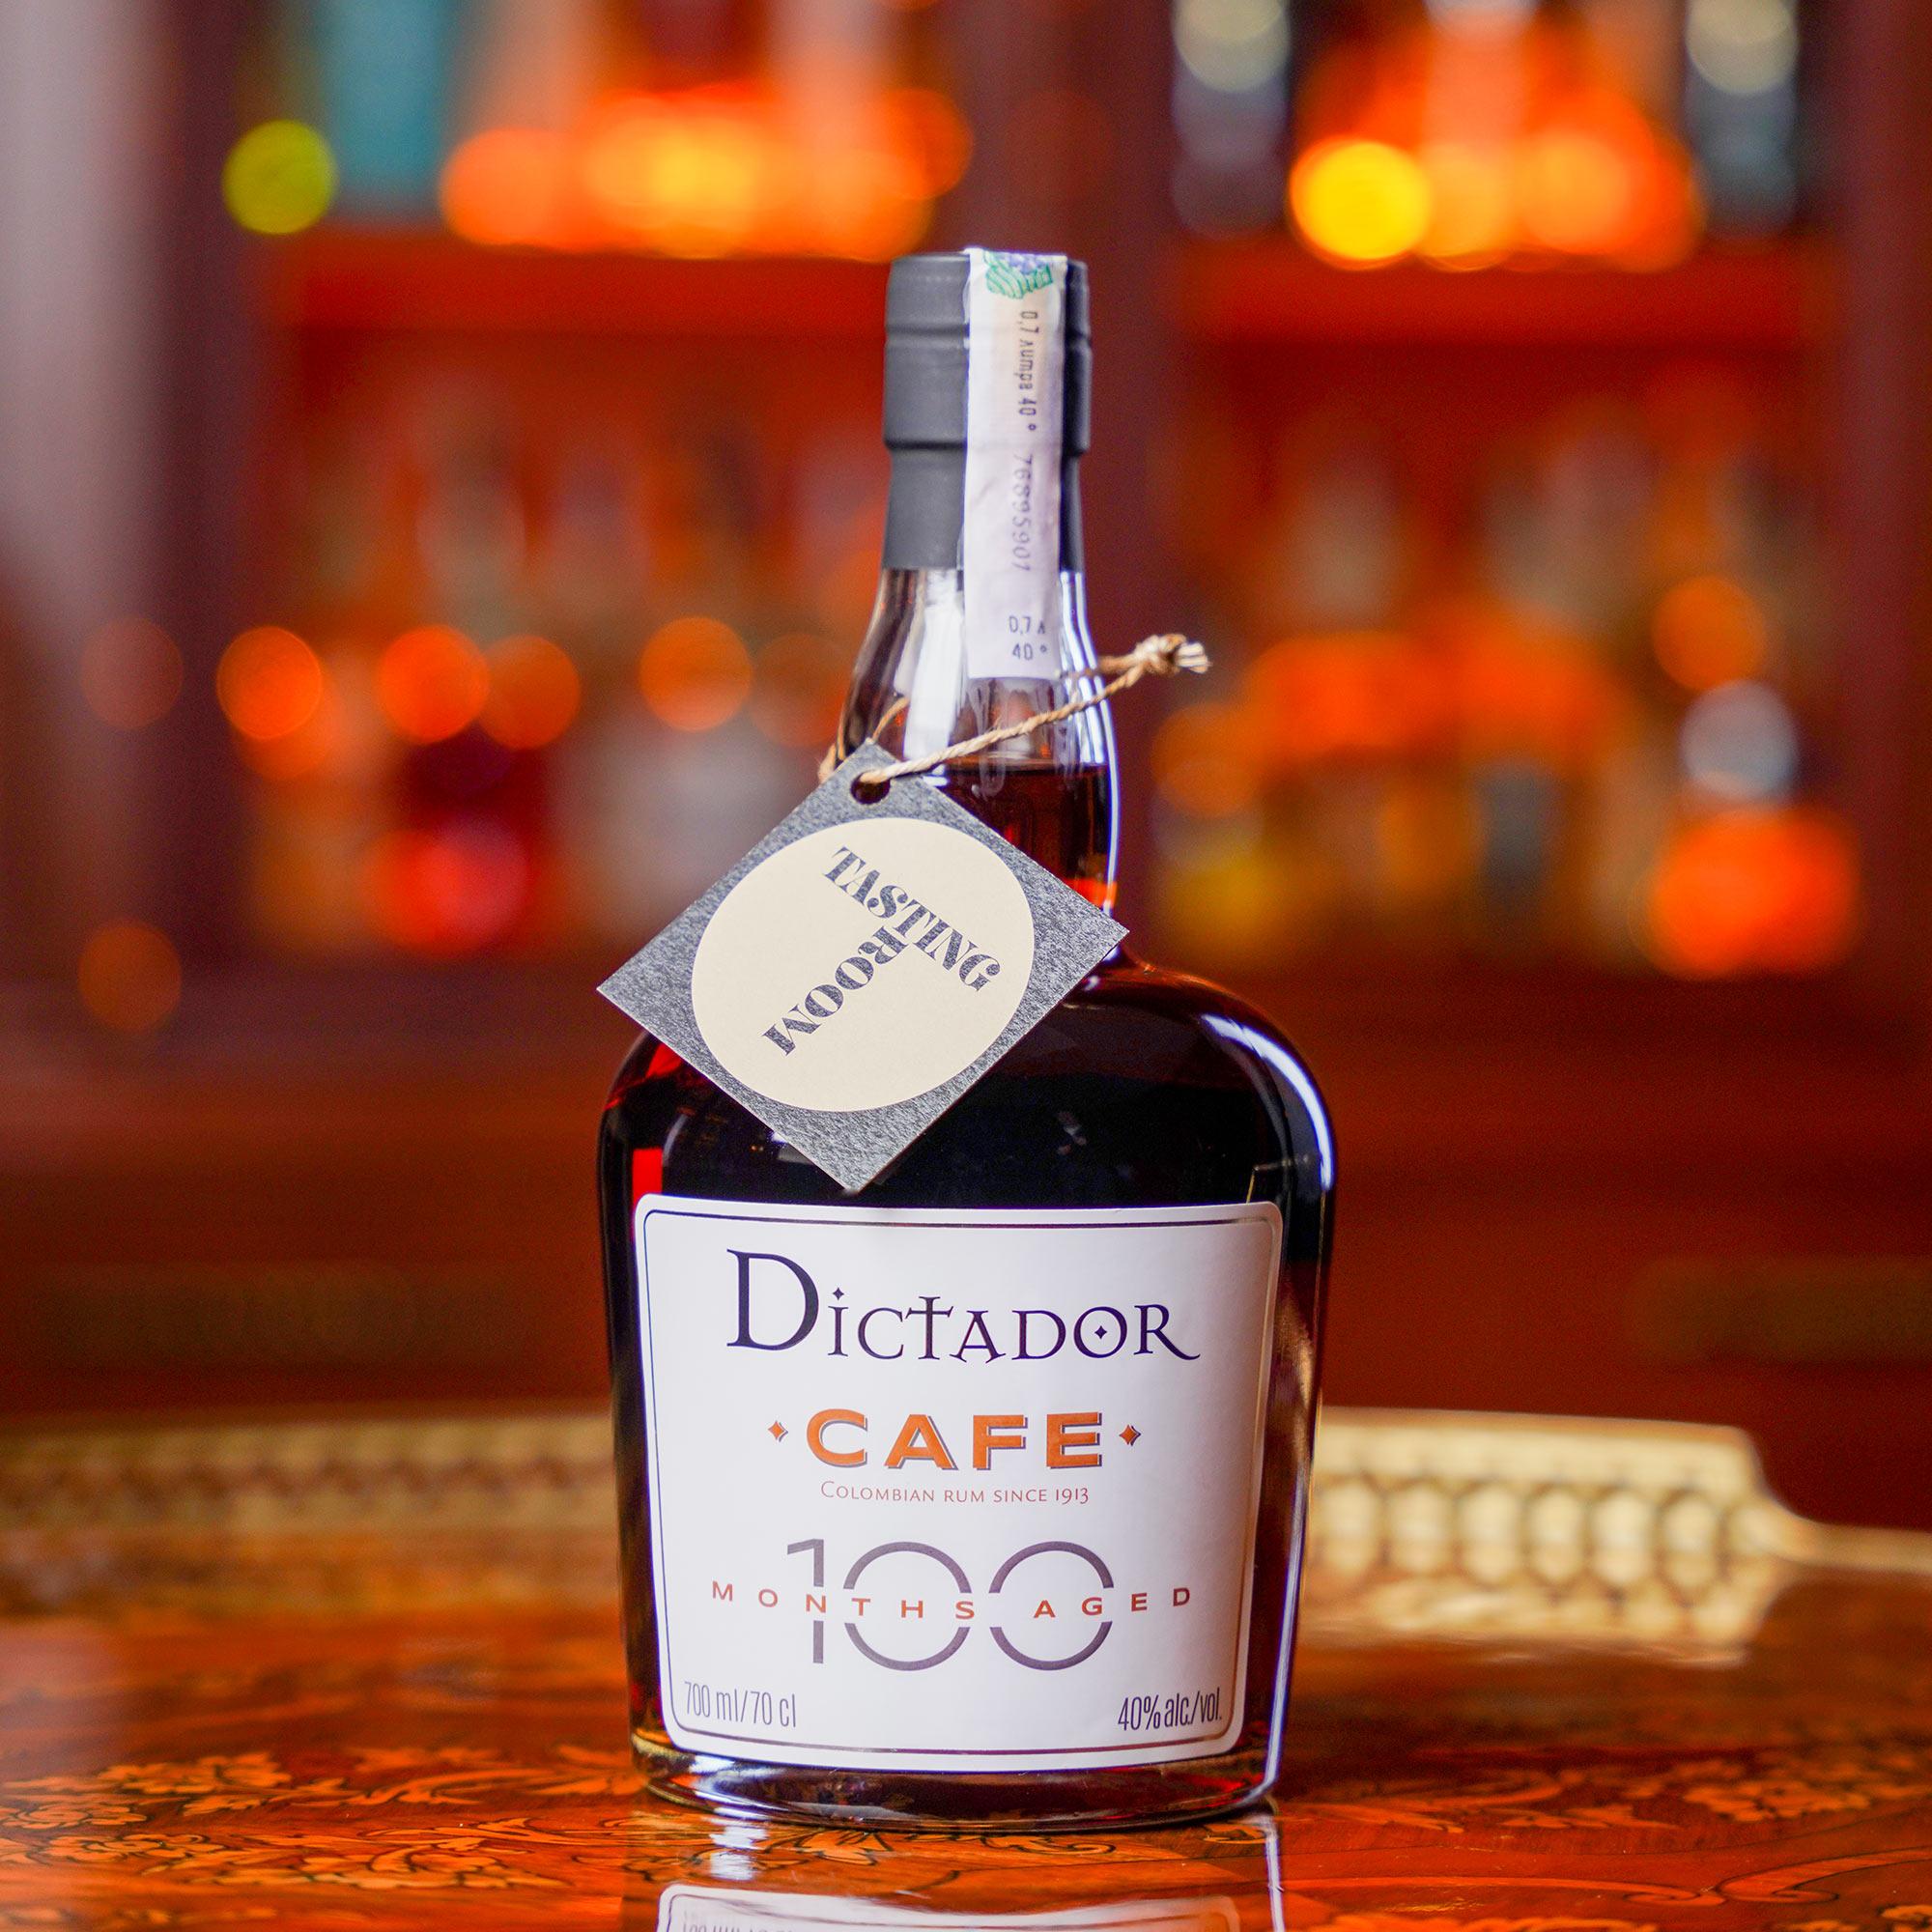 Dictador Cafe /Диктадор Кафе